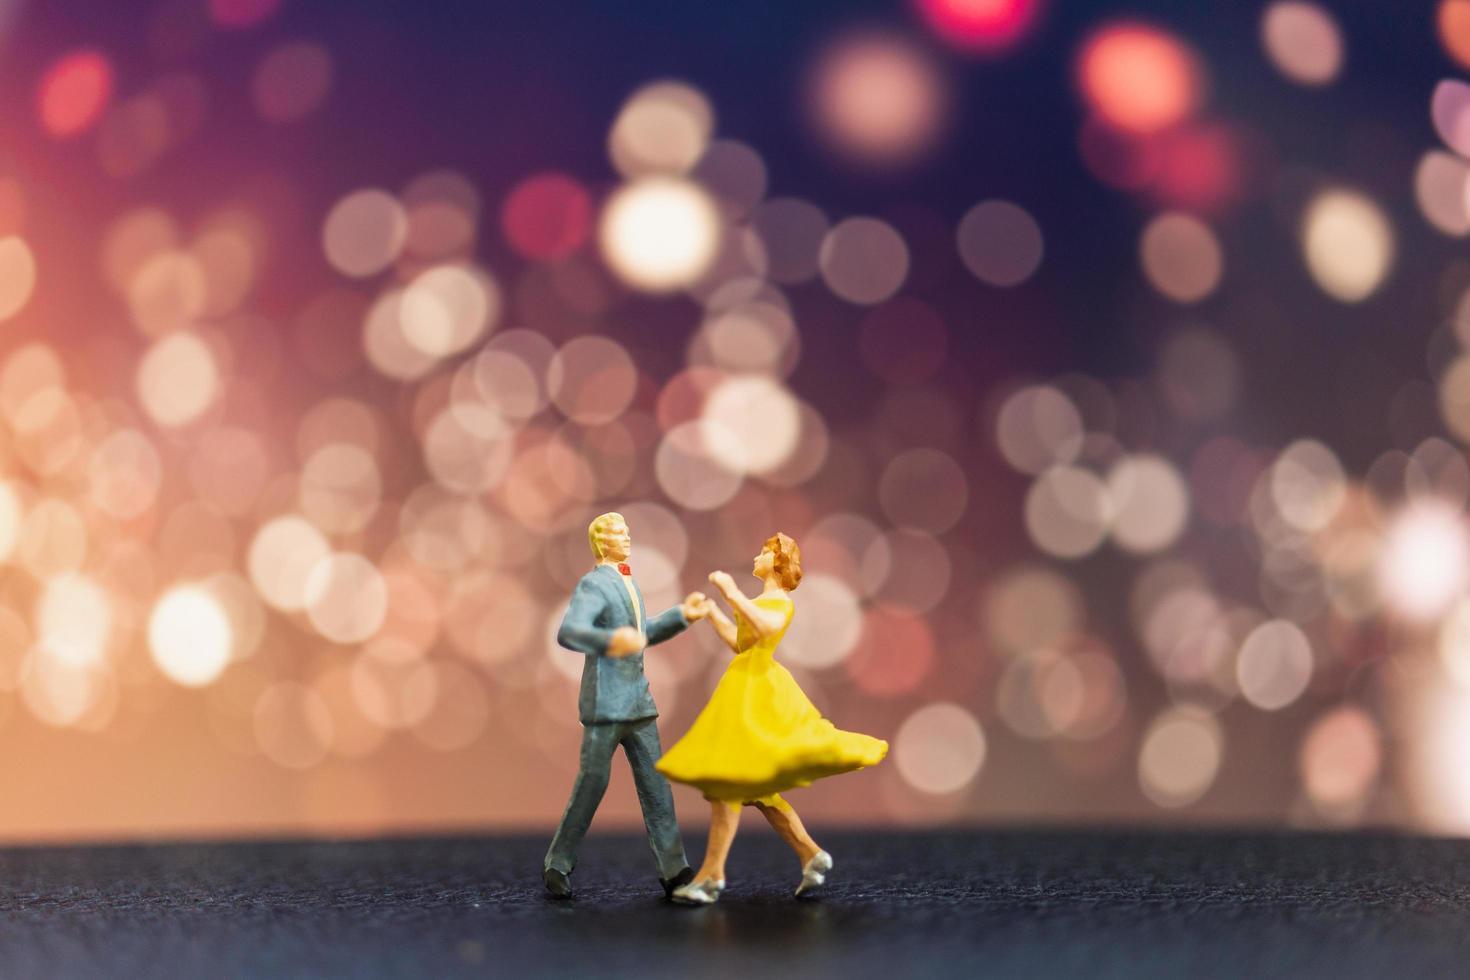 miniatyrpar som dansar med bokehbakgrund, alla hjärtans dagskoncept foto